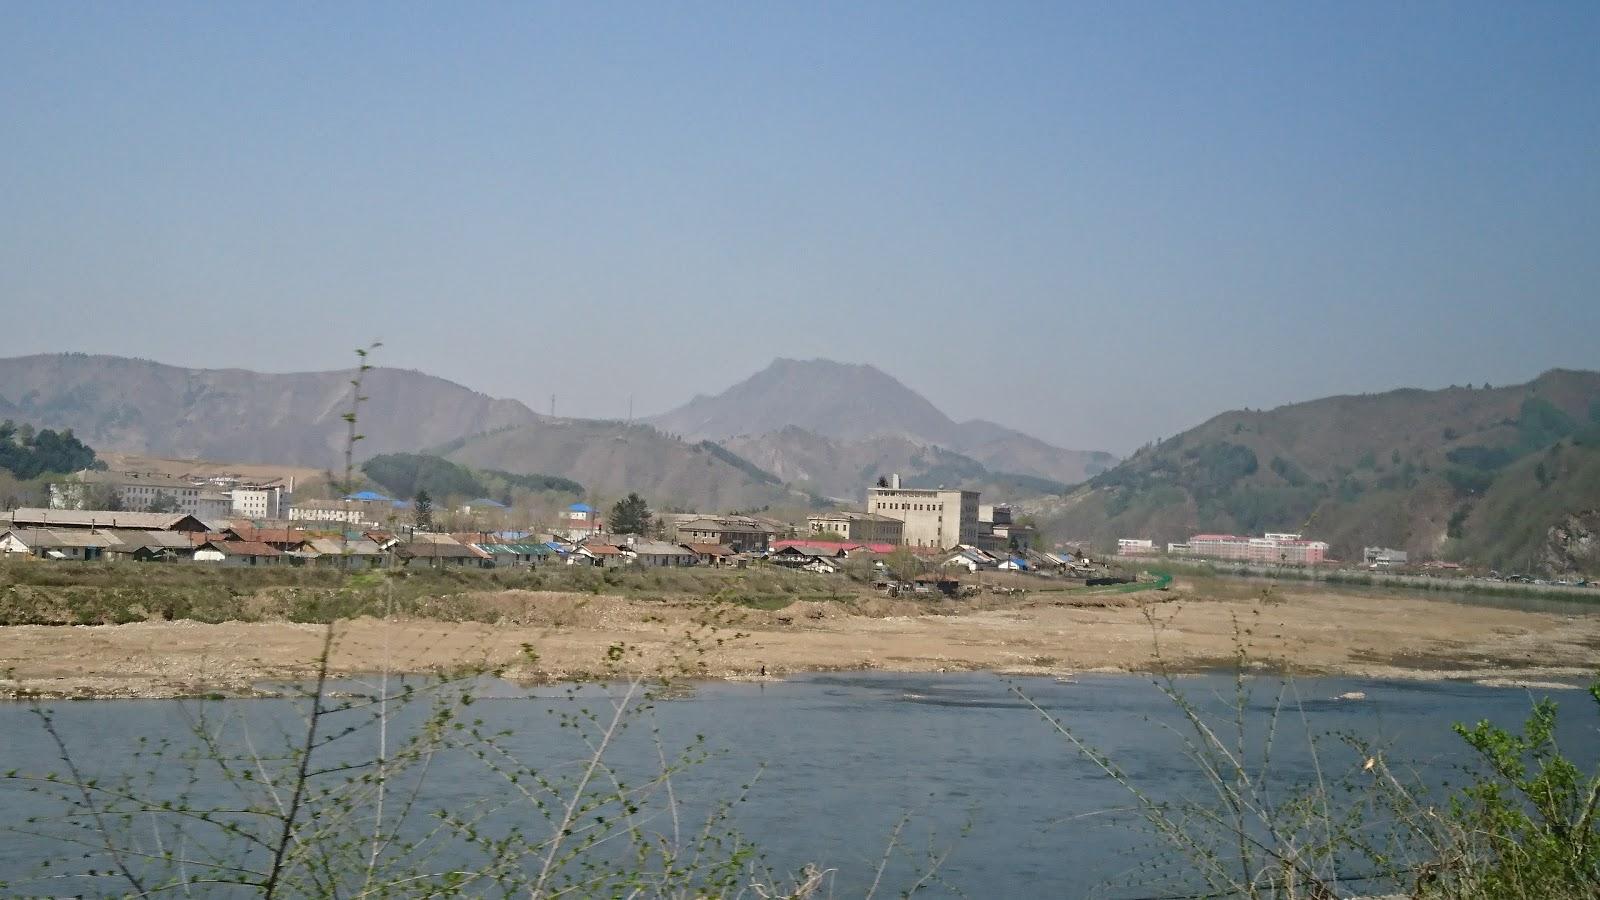 金亨稷郡 - Kimhyongjik County - JapaneseClass.jp